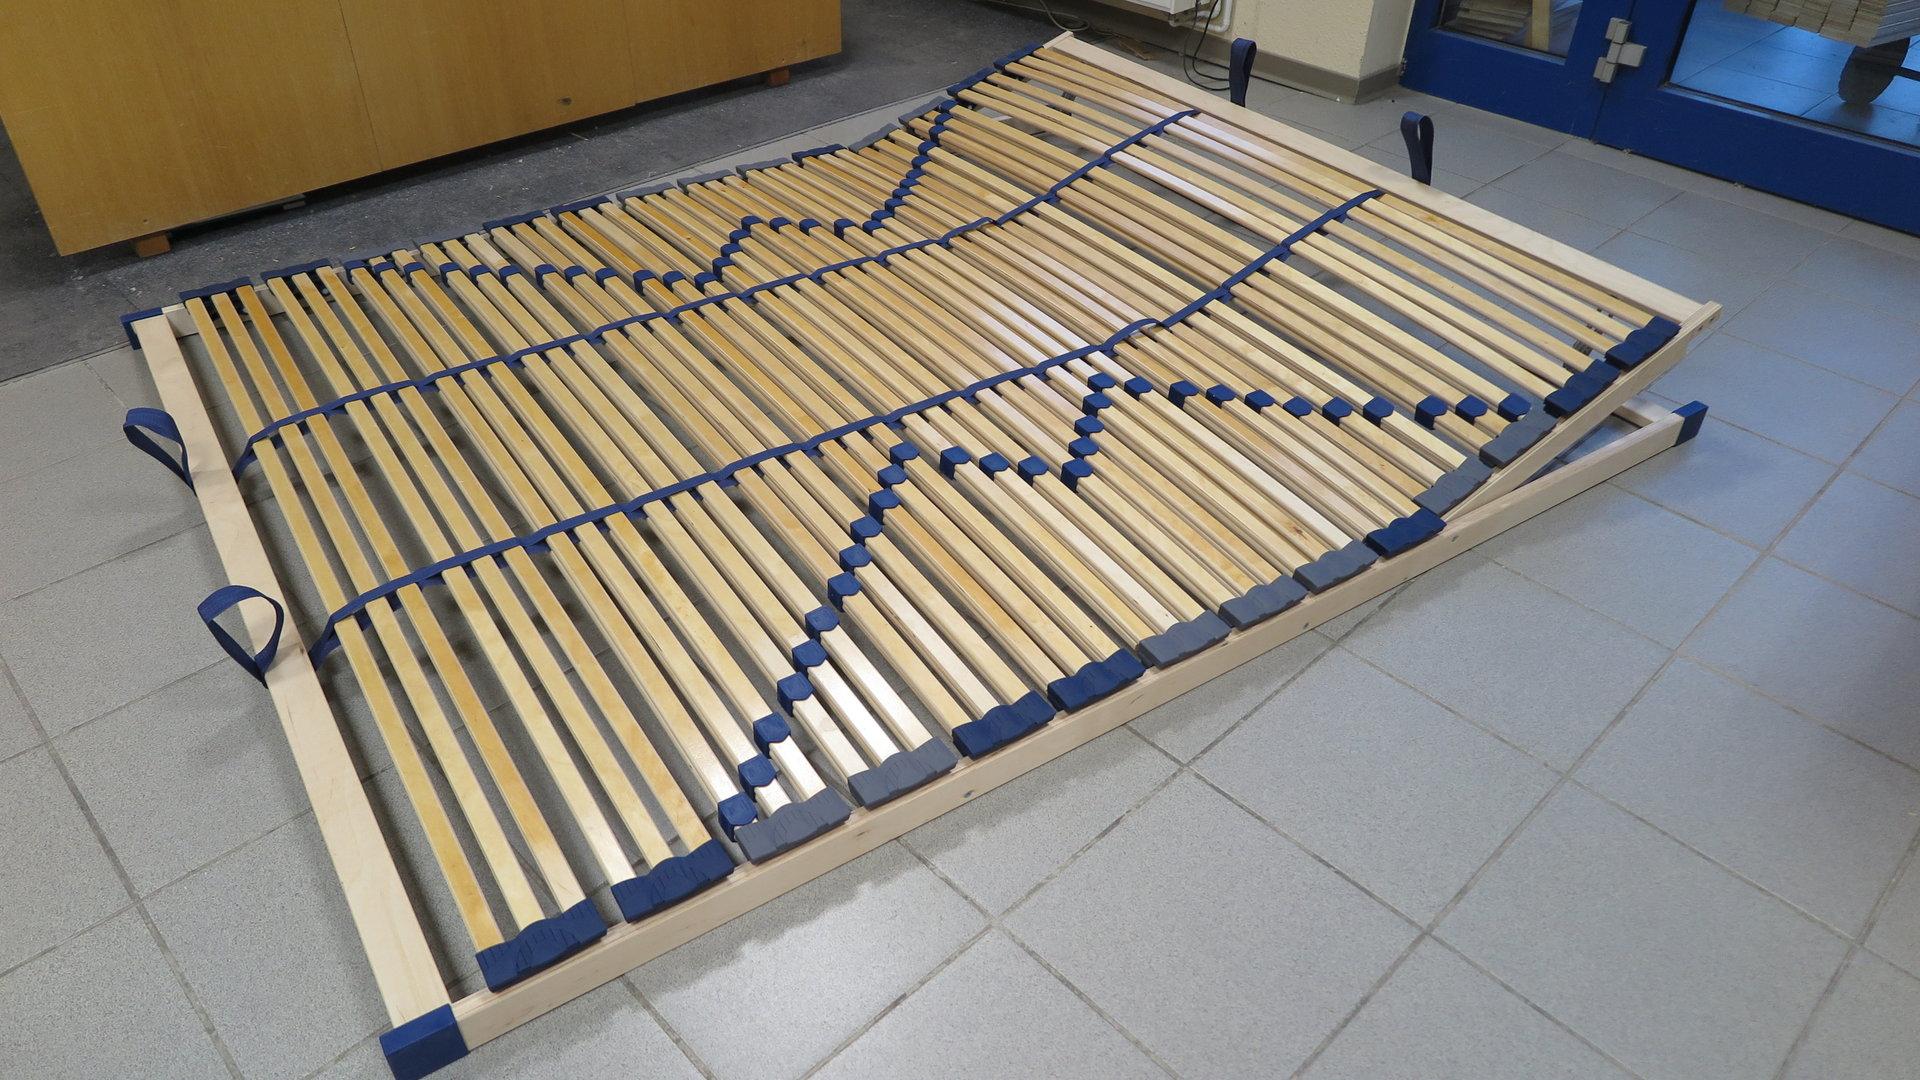 7 zonen lattenrost bluestar xxl kf k u nv belastbar bis 180 kg k rpergewicht bis breite 160 cm. Black Bedroom Furniture Sets. Home Design Ideas